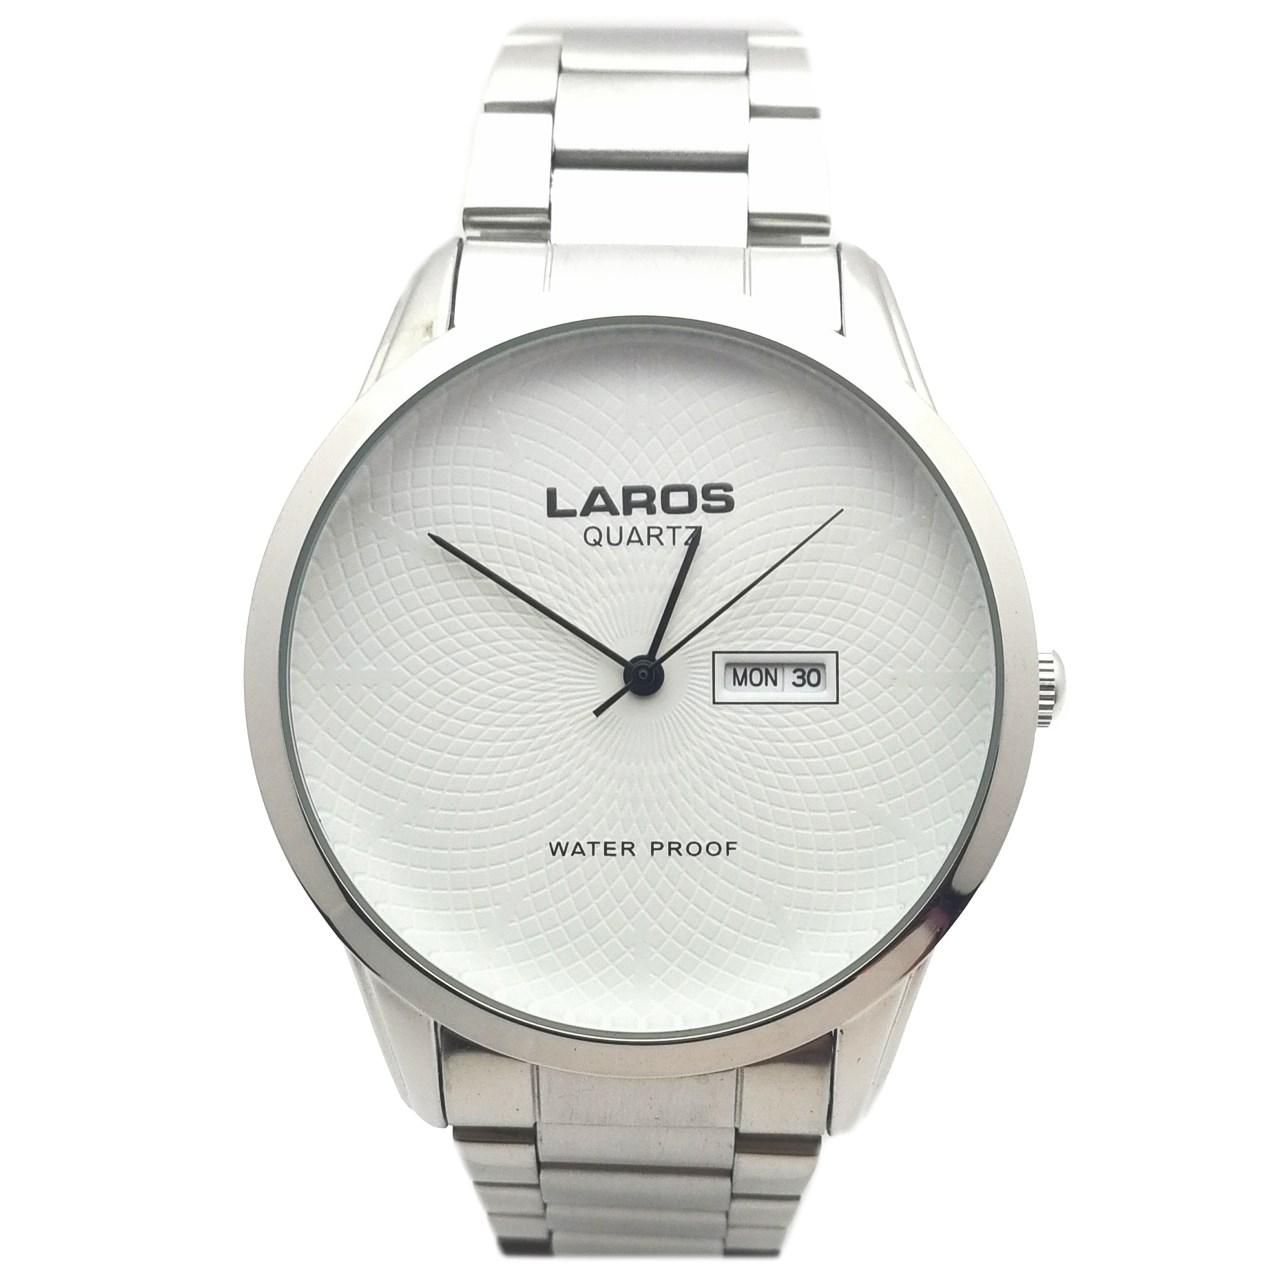 ساعت  لاروس مدل LM-N602-WhiteBlack